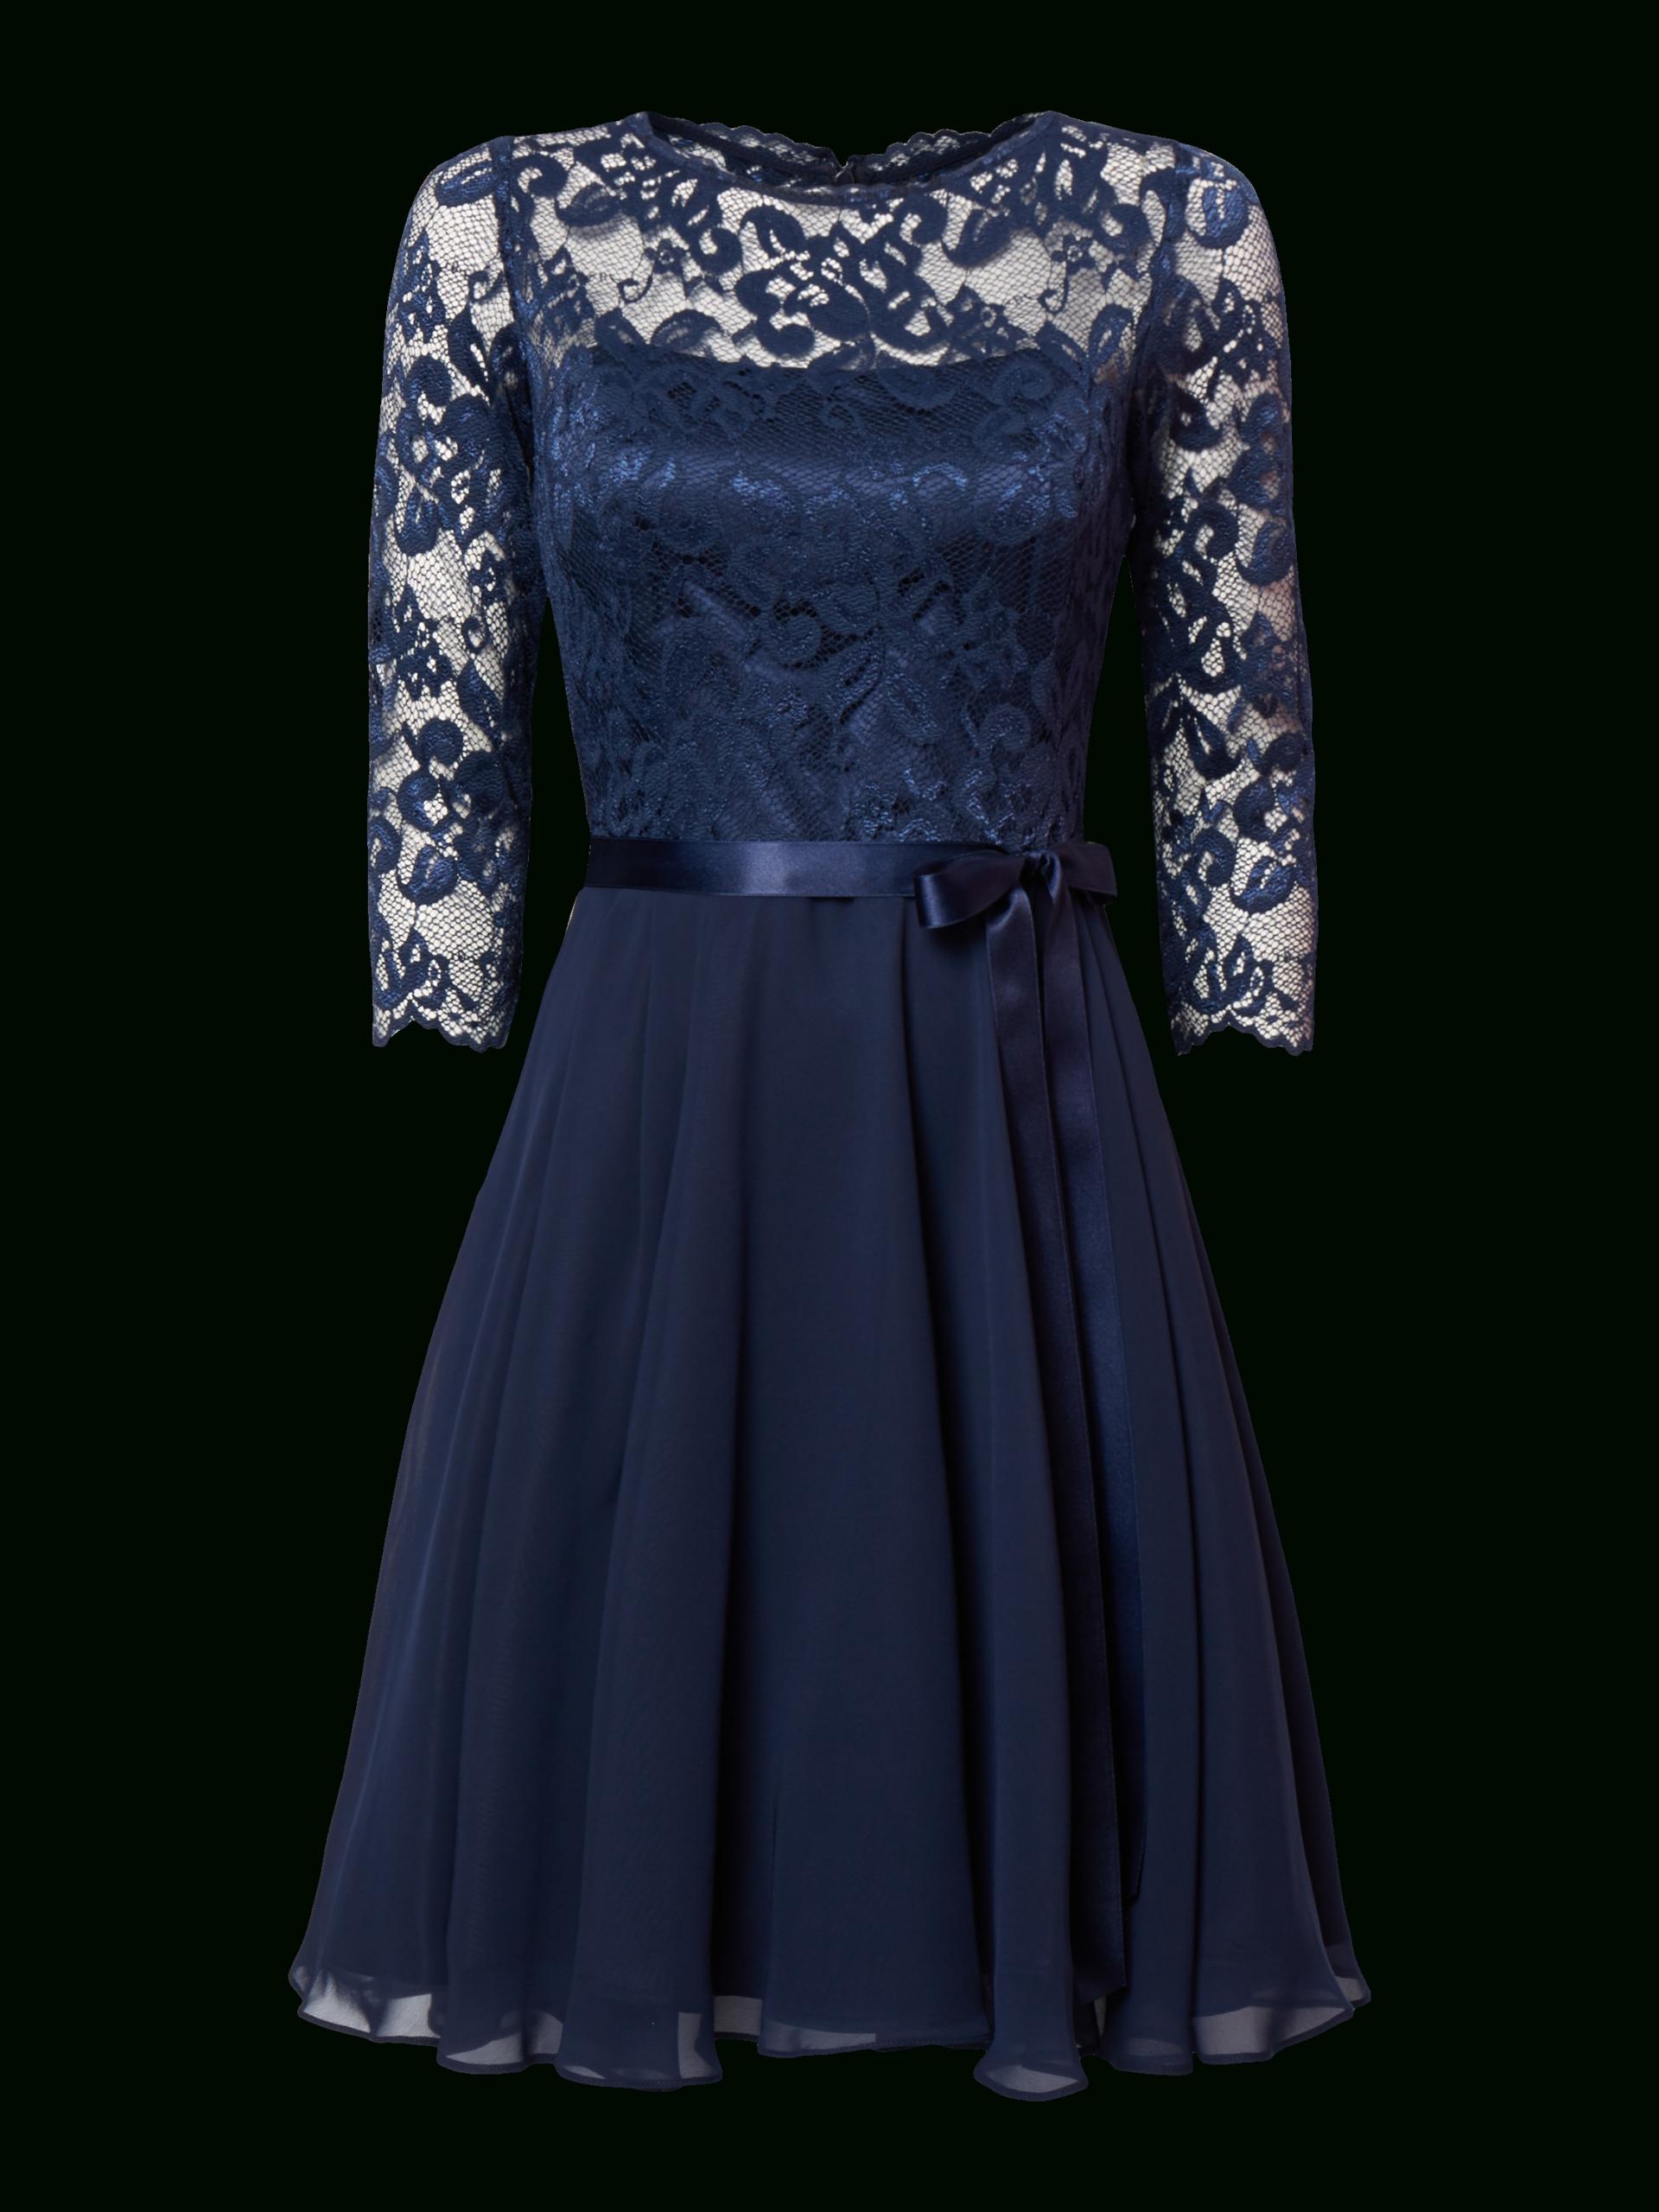 15 Genial Abendkleider Eng Galerie17 Leicht Abendkleider Eng Stylish